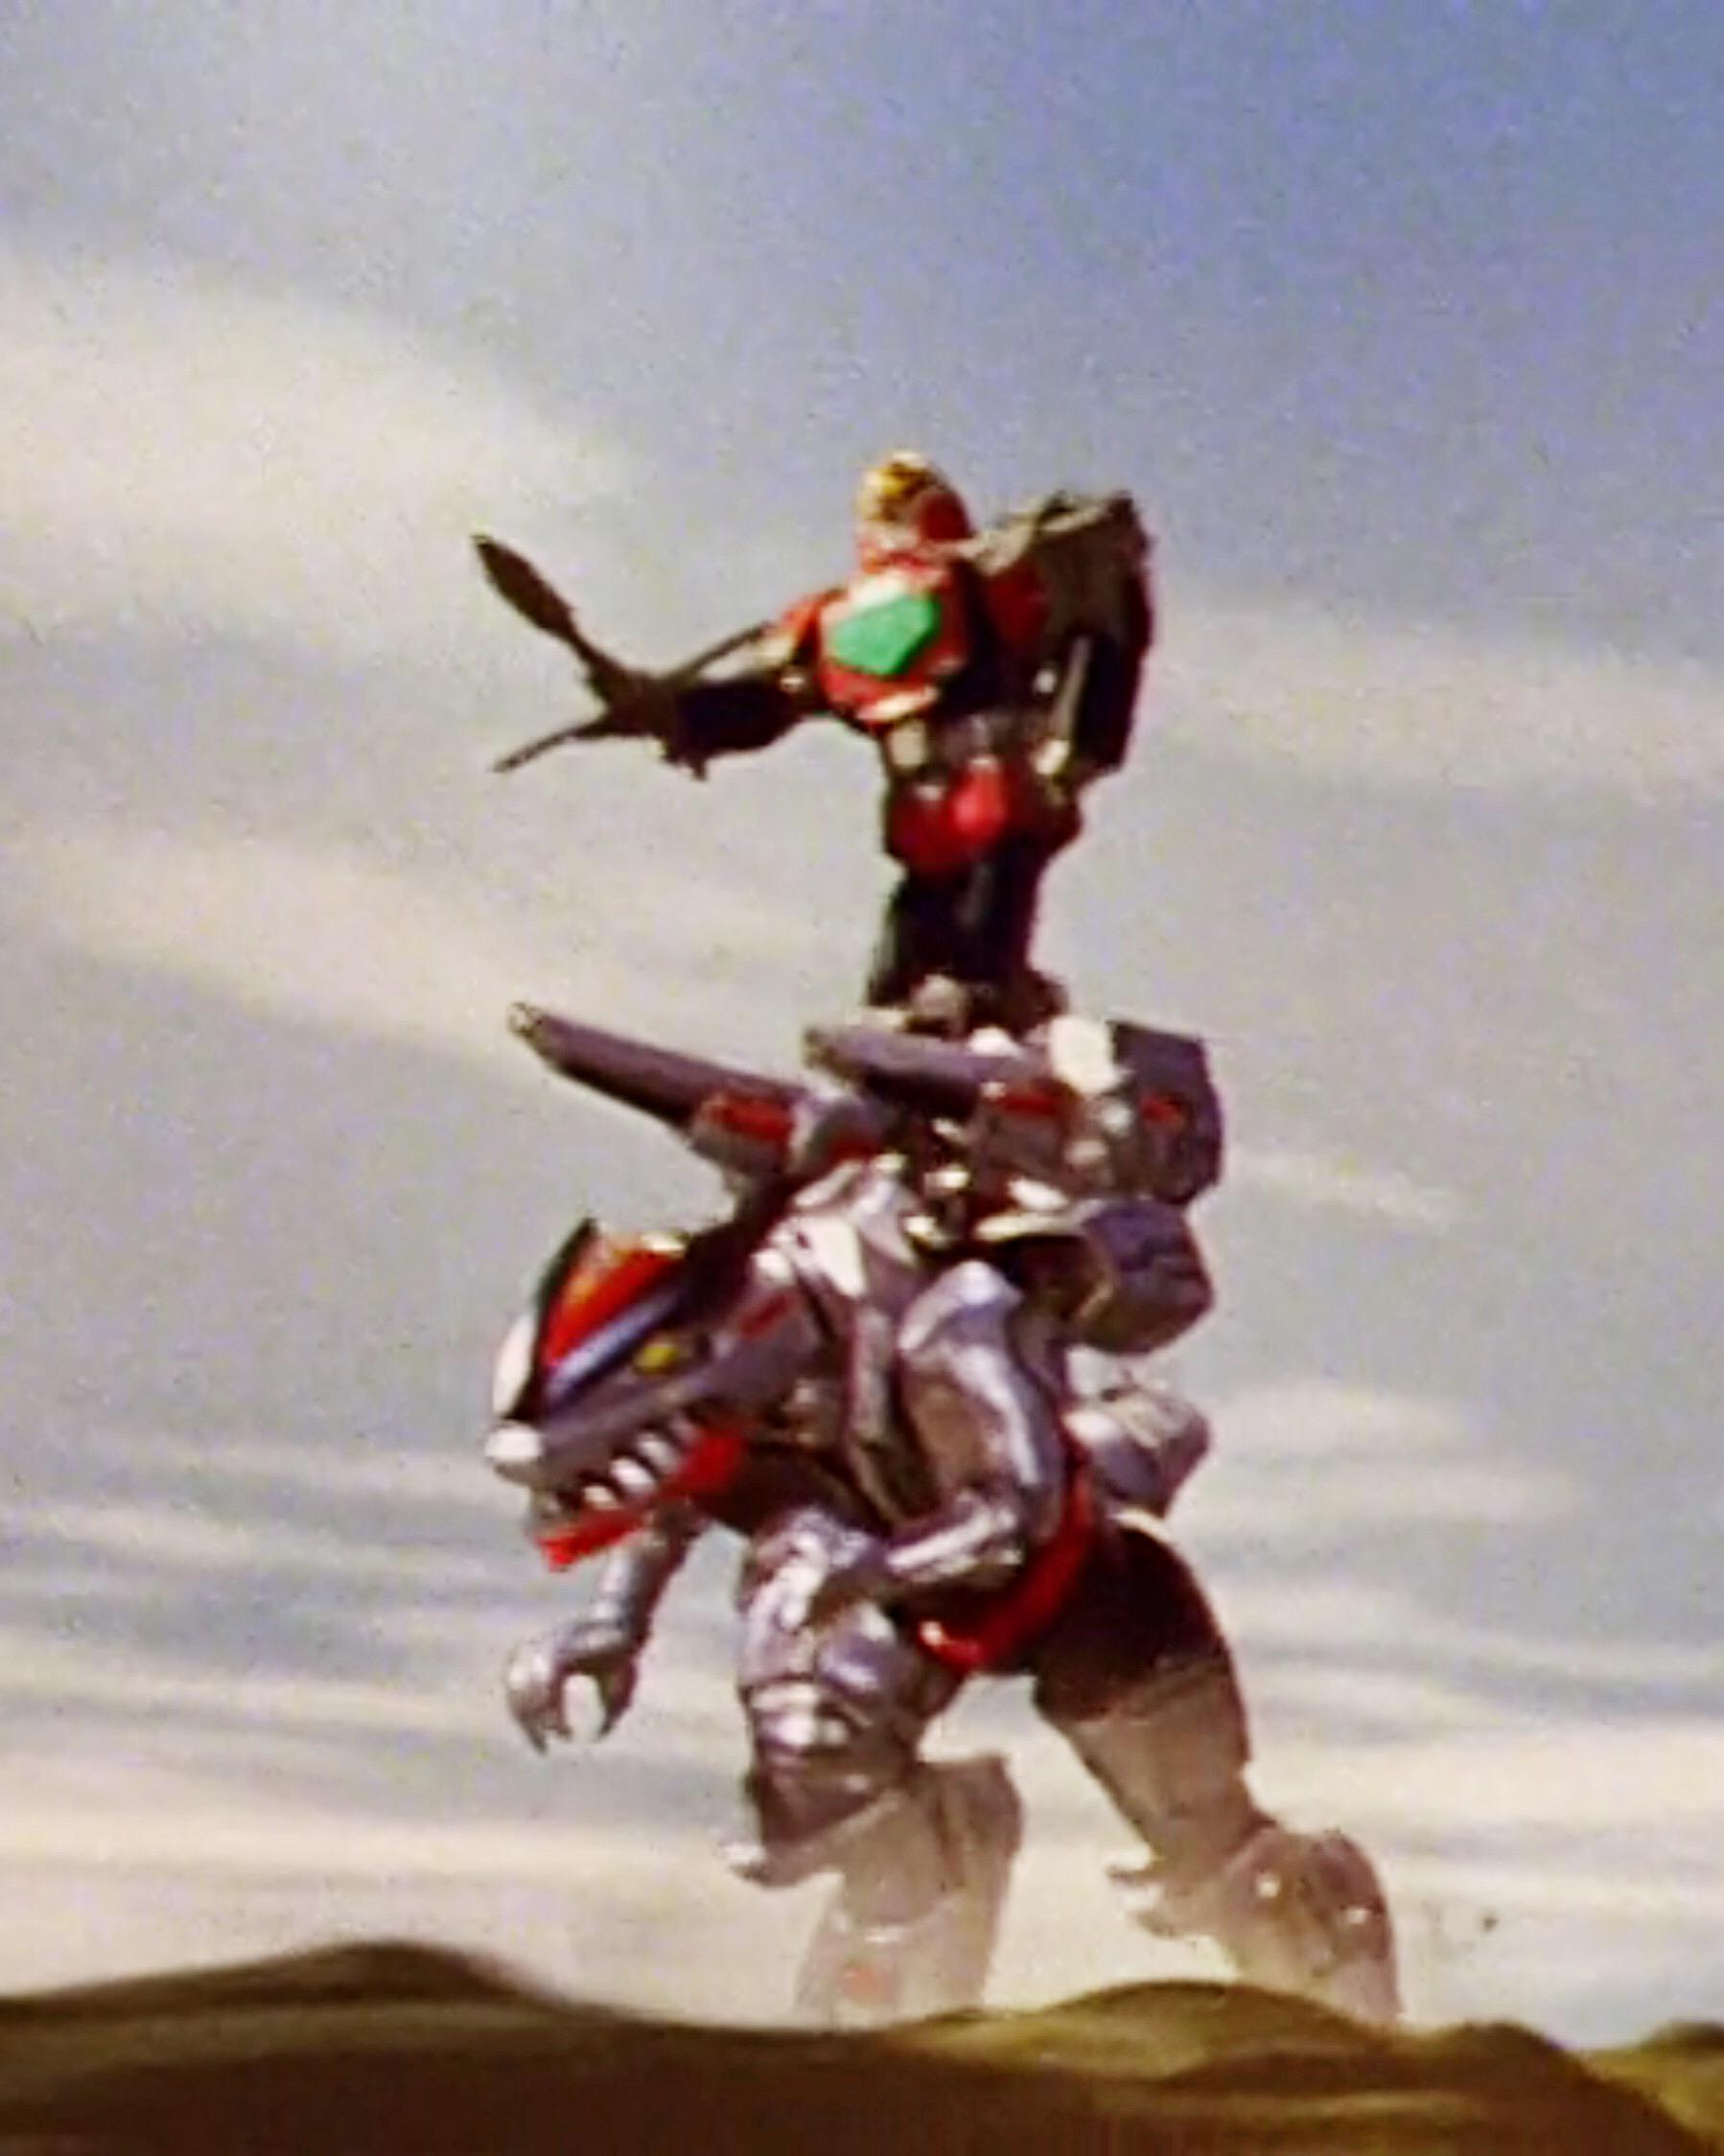 TF Time Force Megazord Riding Q-Rex